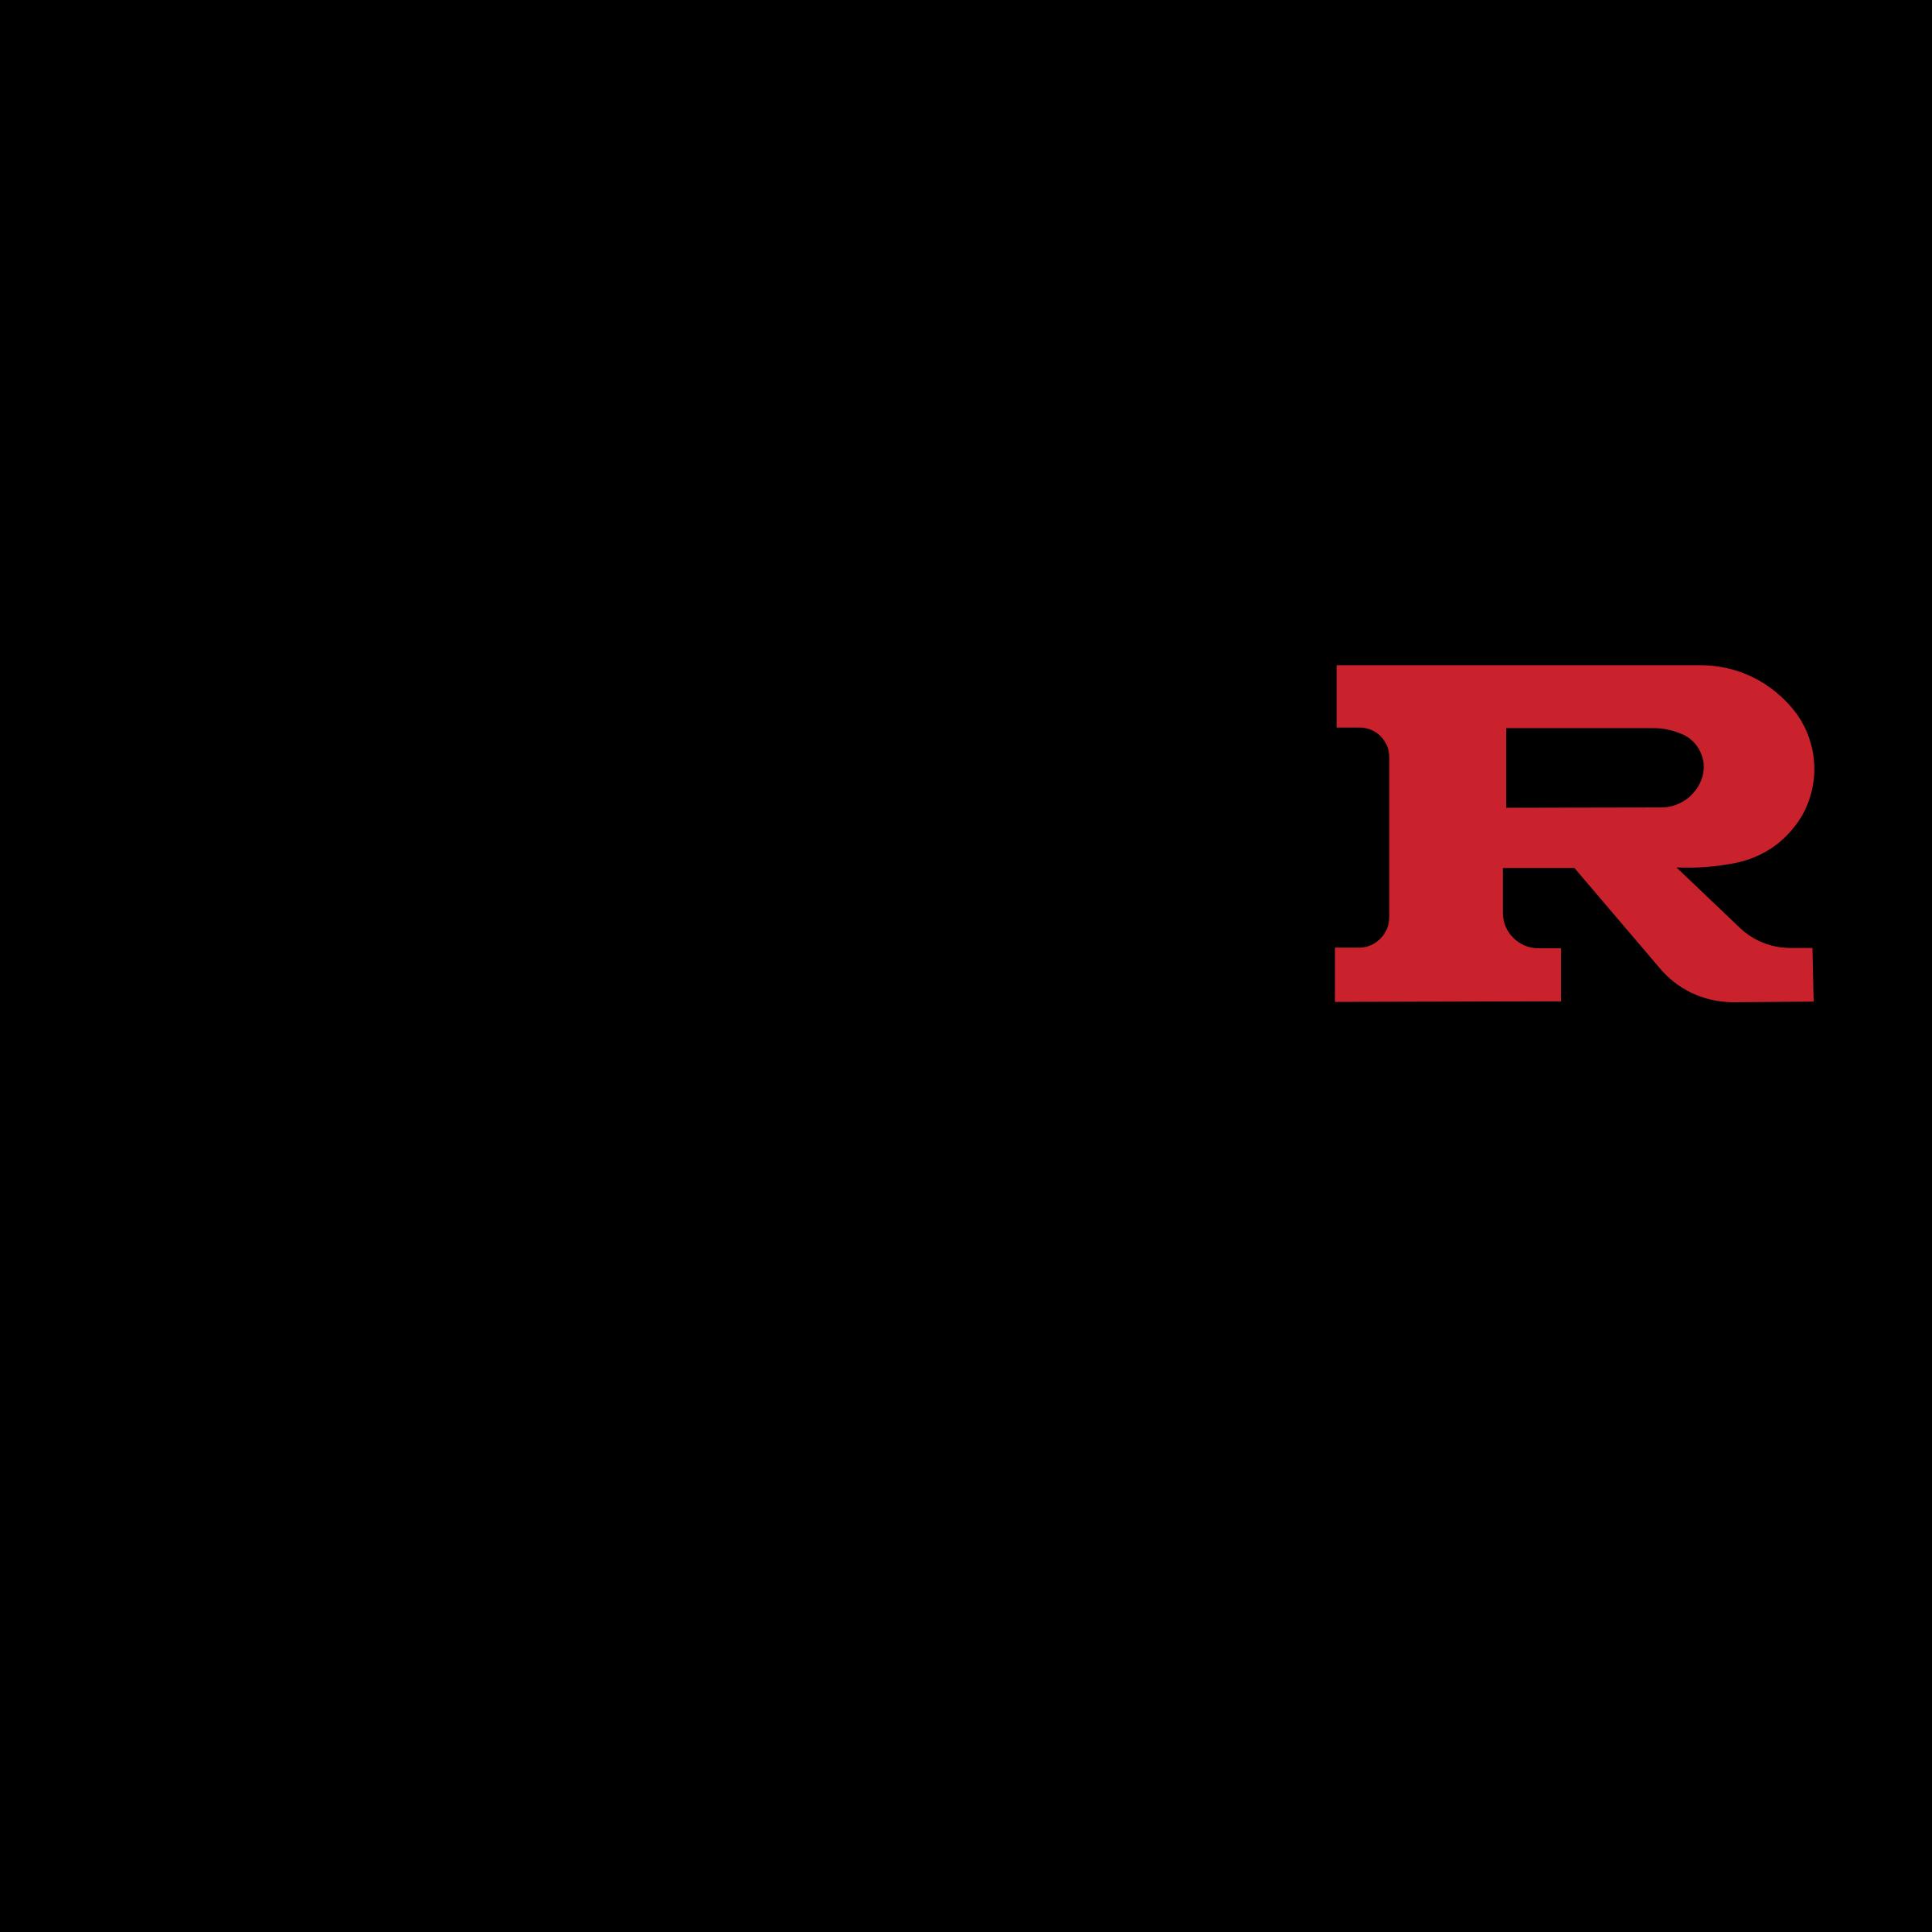 rsr suspension logo png transparent amp svg vector freebie